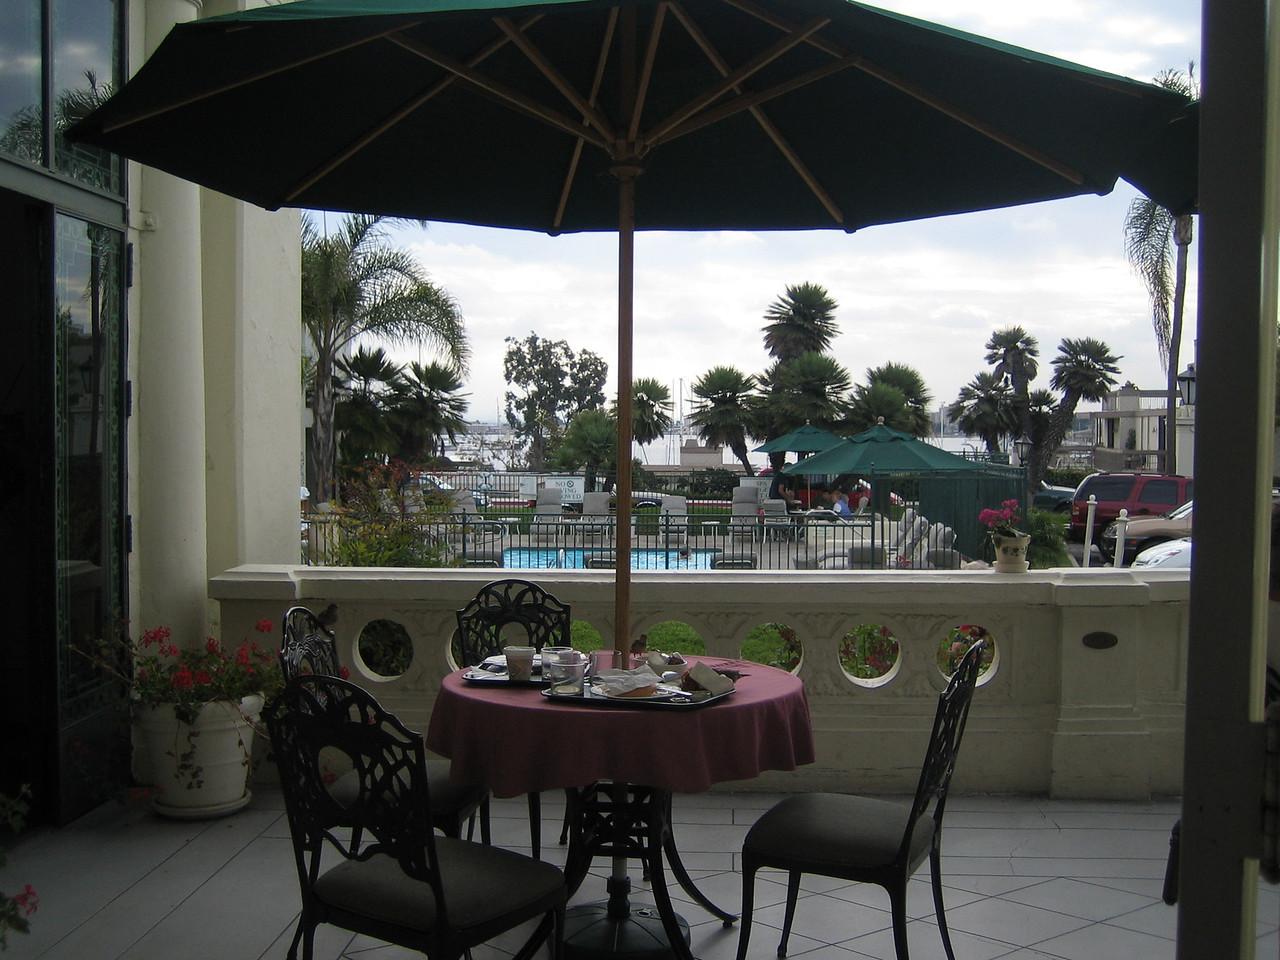 San Diego, Tijuana 033